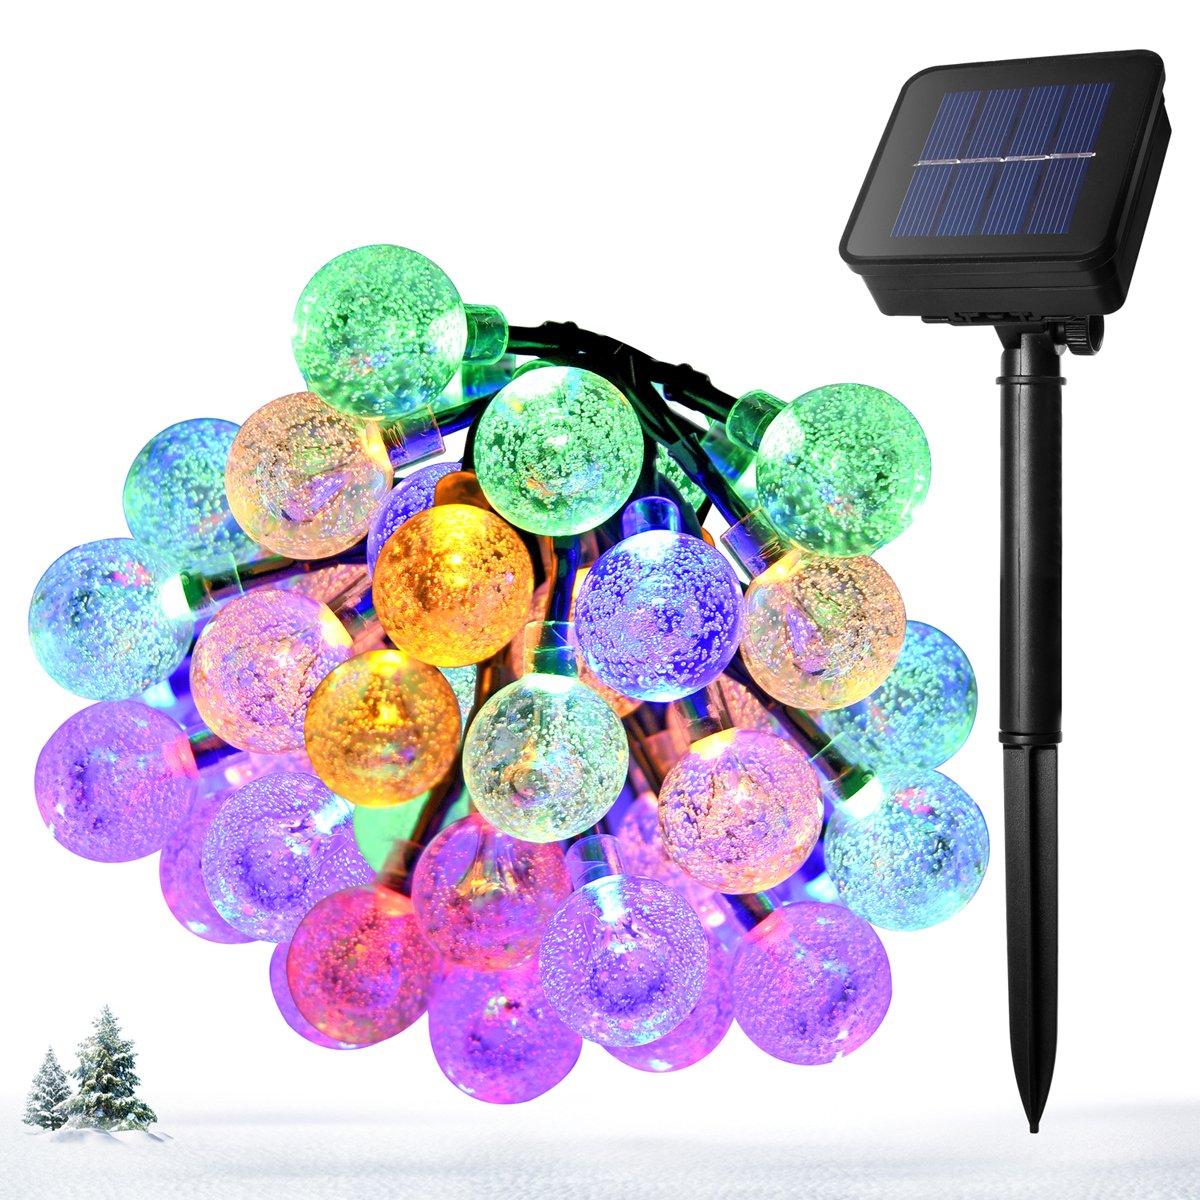 Ankway guirnalda luz solar 8 modos, 5M 30 LED guirnalda luminosa bolas colores, cadena de Luces P65 impermeable para exterior/interior, jardín, patio, valla, árbol, navidad y decoraciones de boda